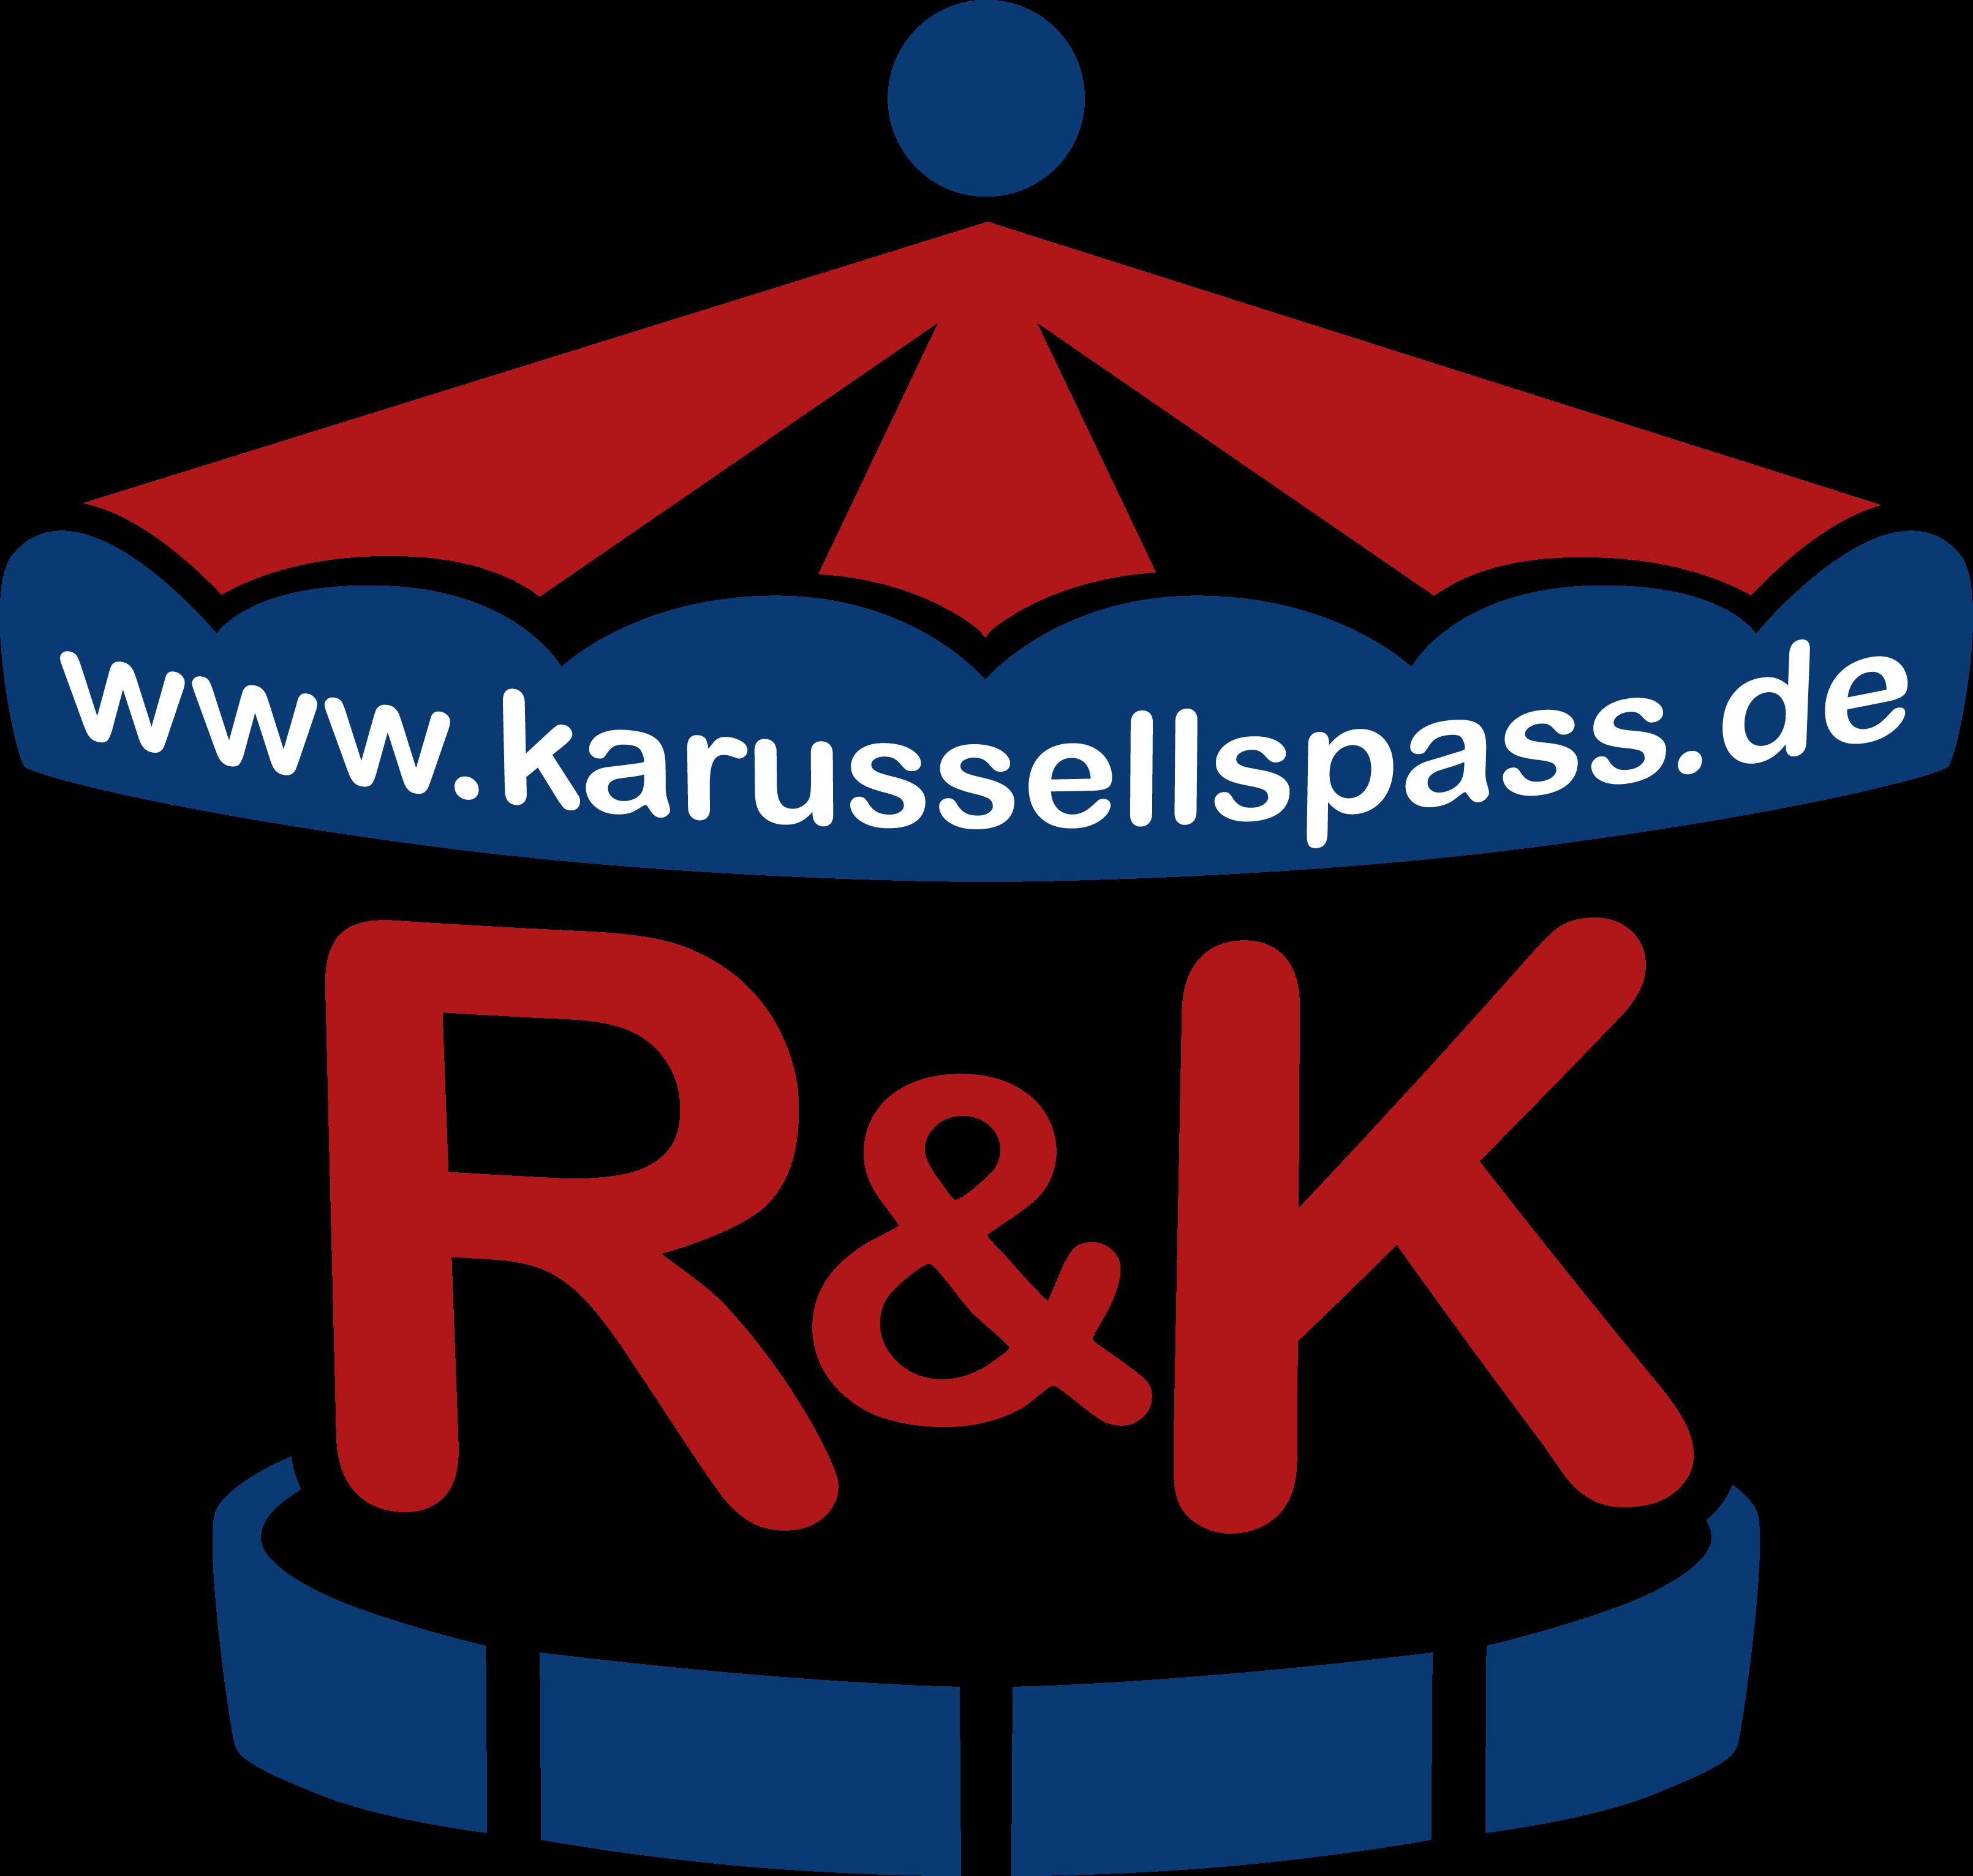 Logo Karussellspass